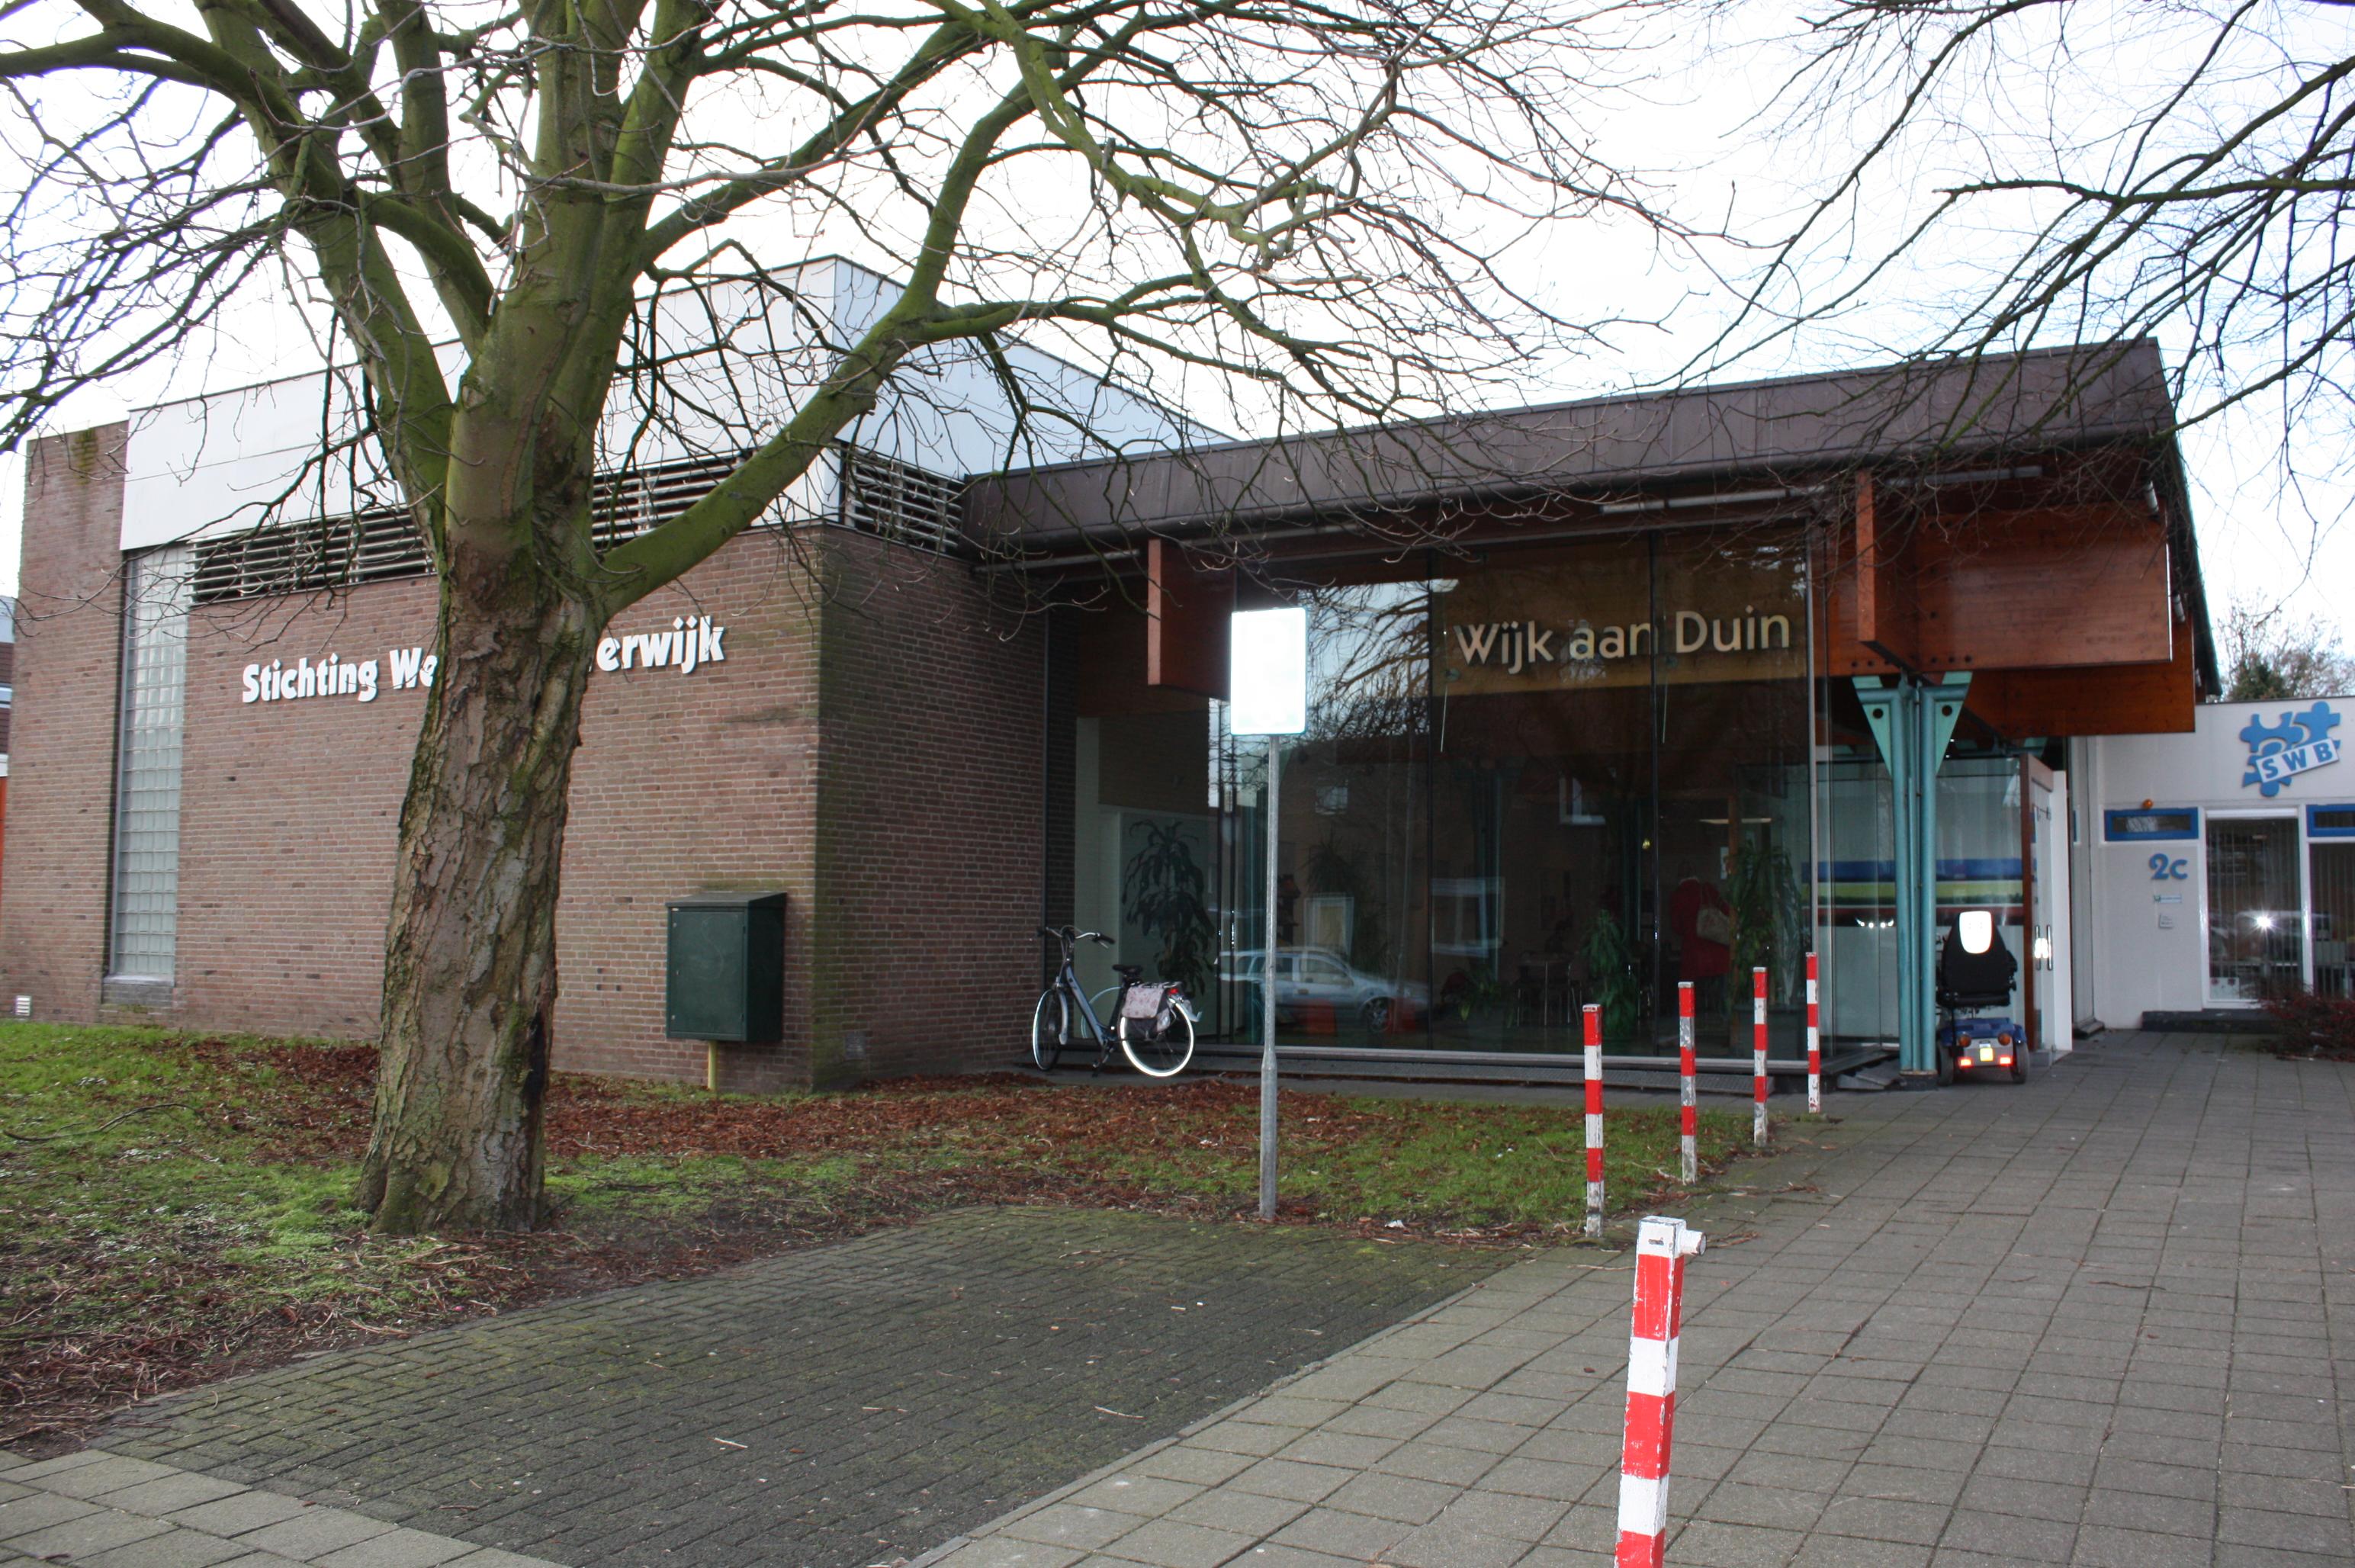 Buurthuis-Wijk-aan-Duin